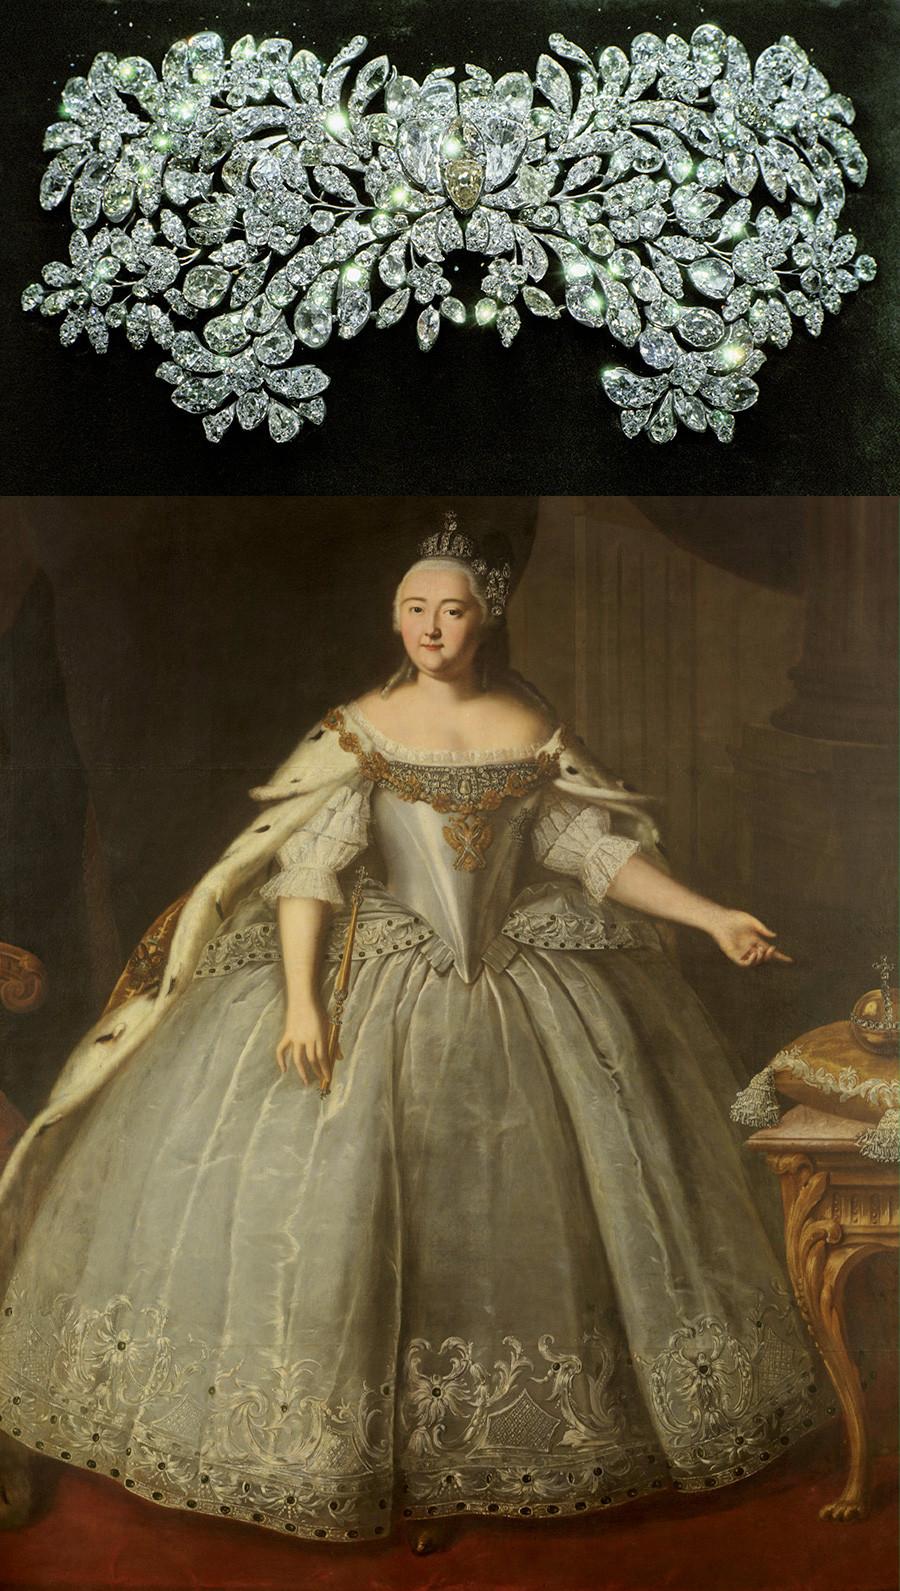 Пряжка-аграф принадлежала императрице Елизавете Петровне. Серебро, бриллианты. Около 1750 года.